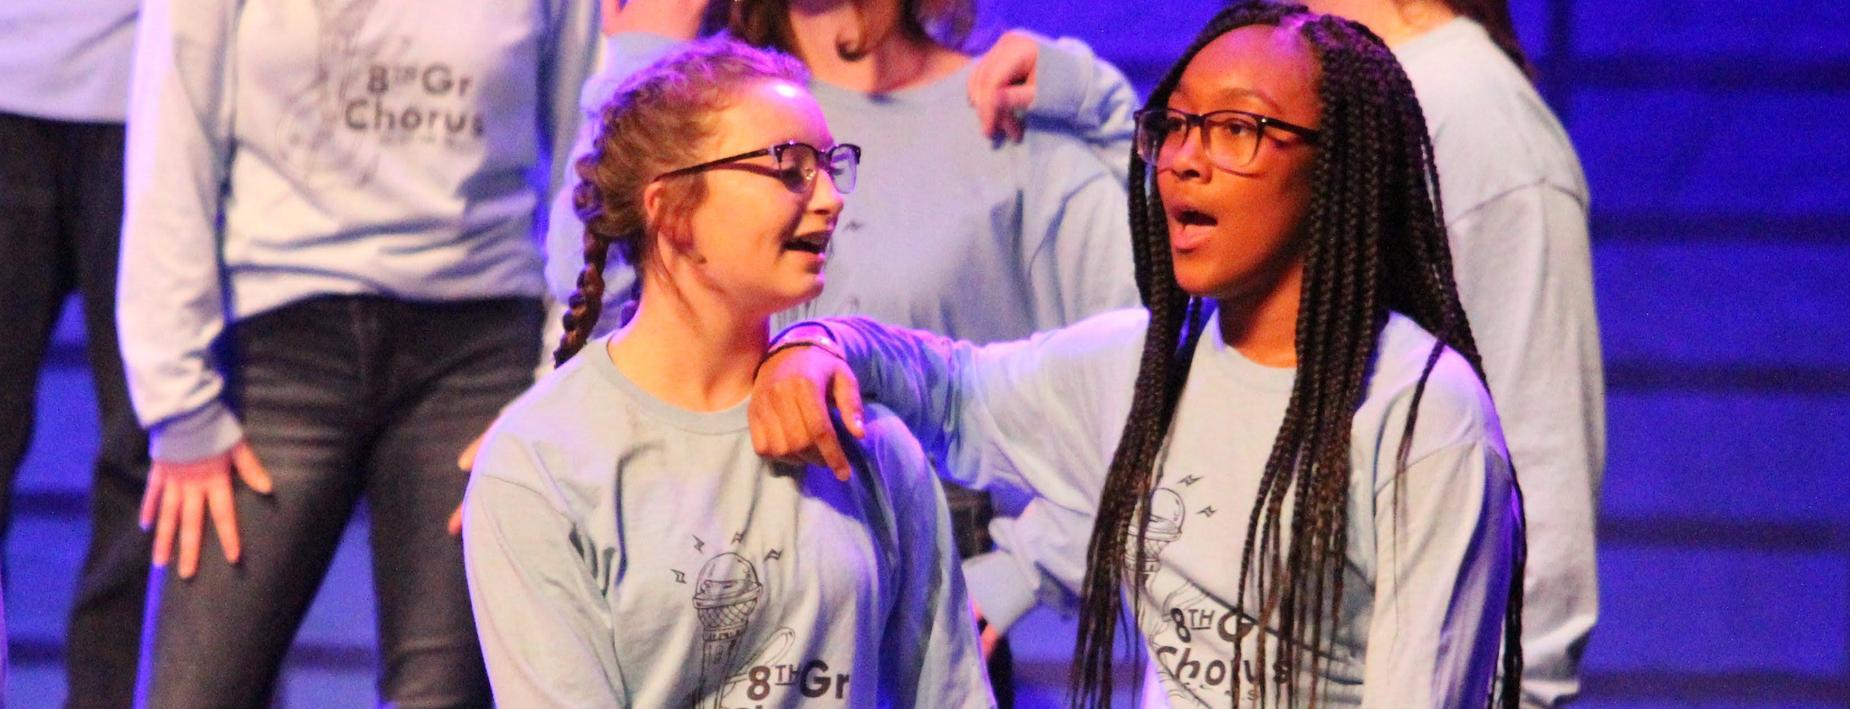 Singing at the 8th grade chorus concert